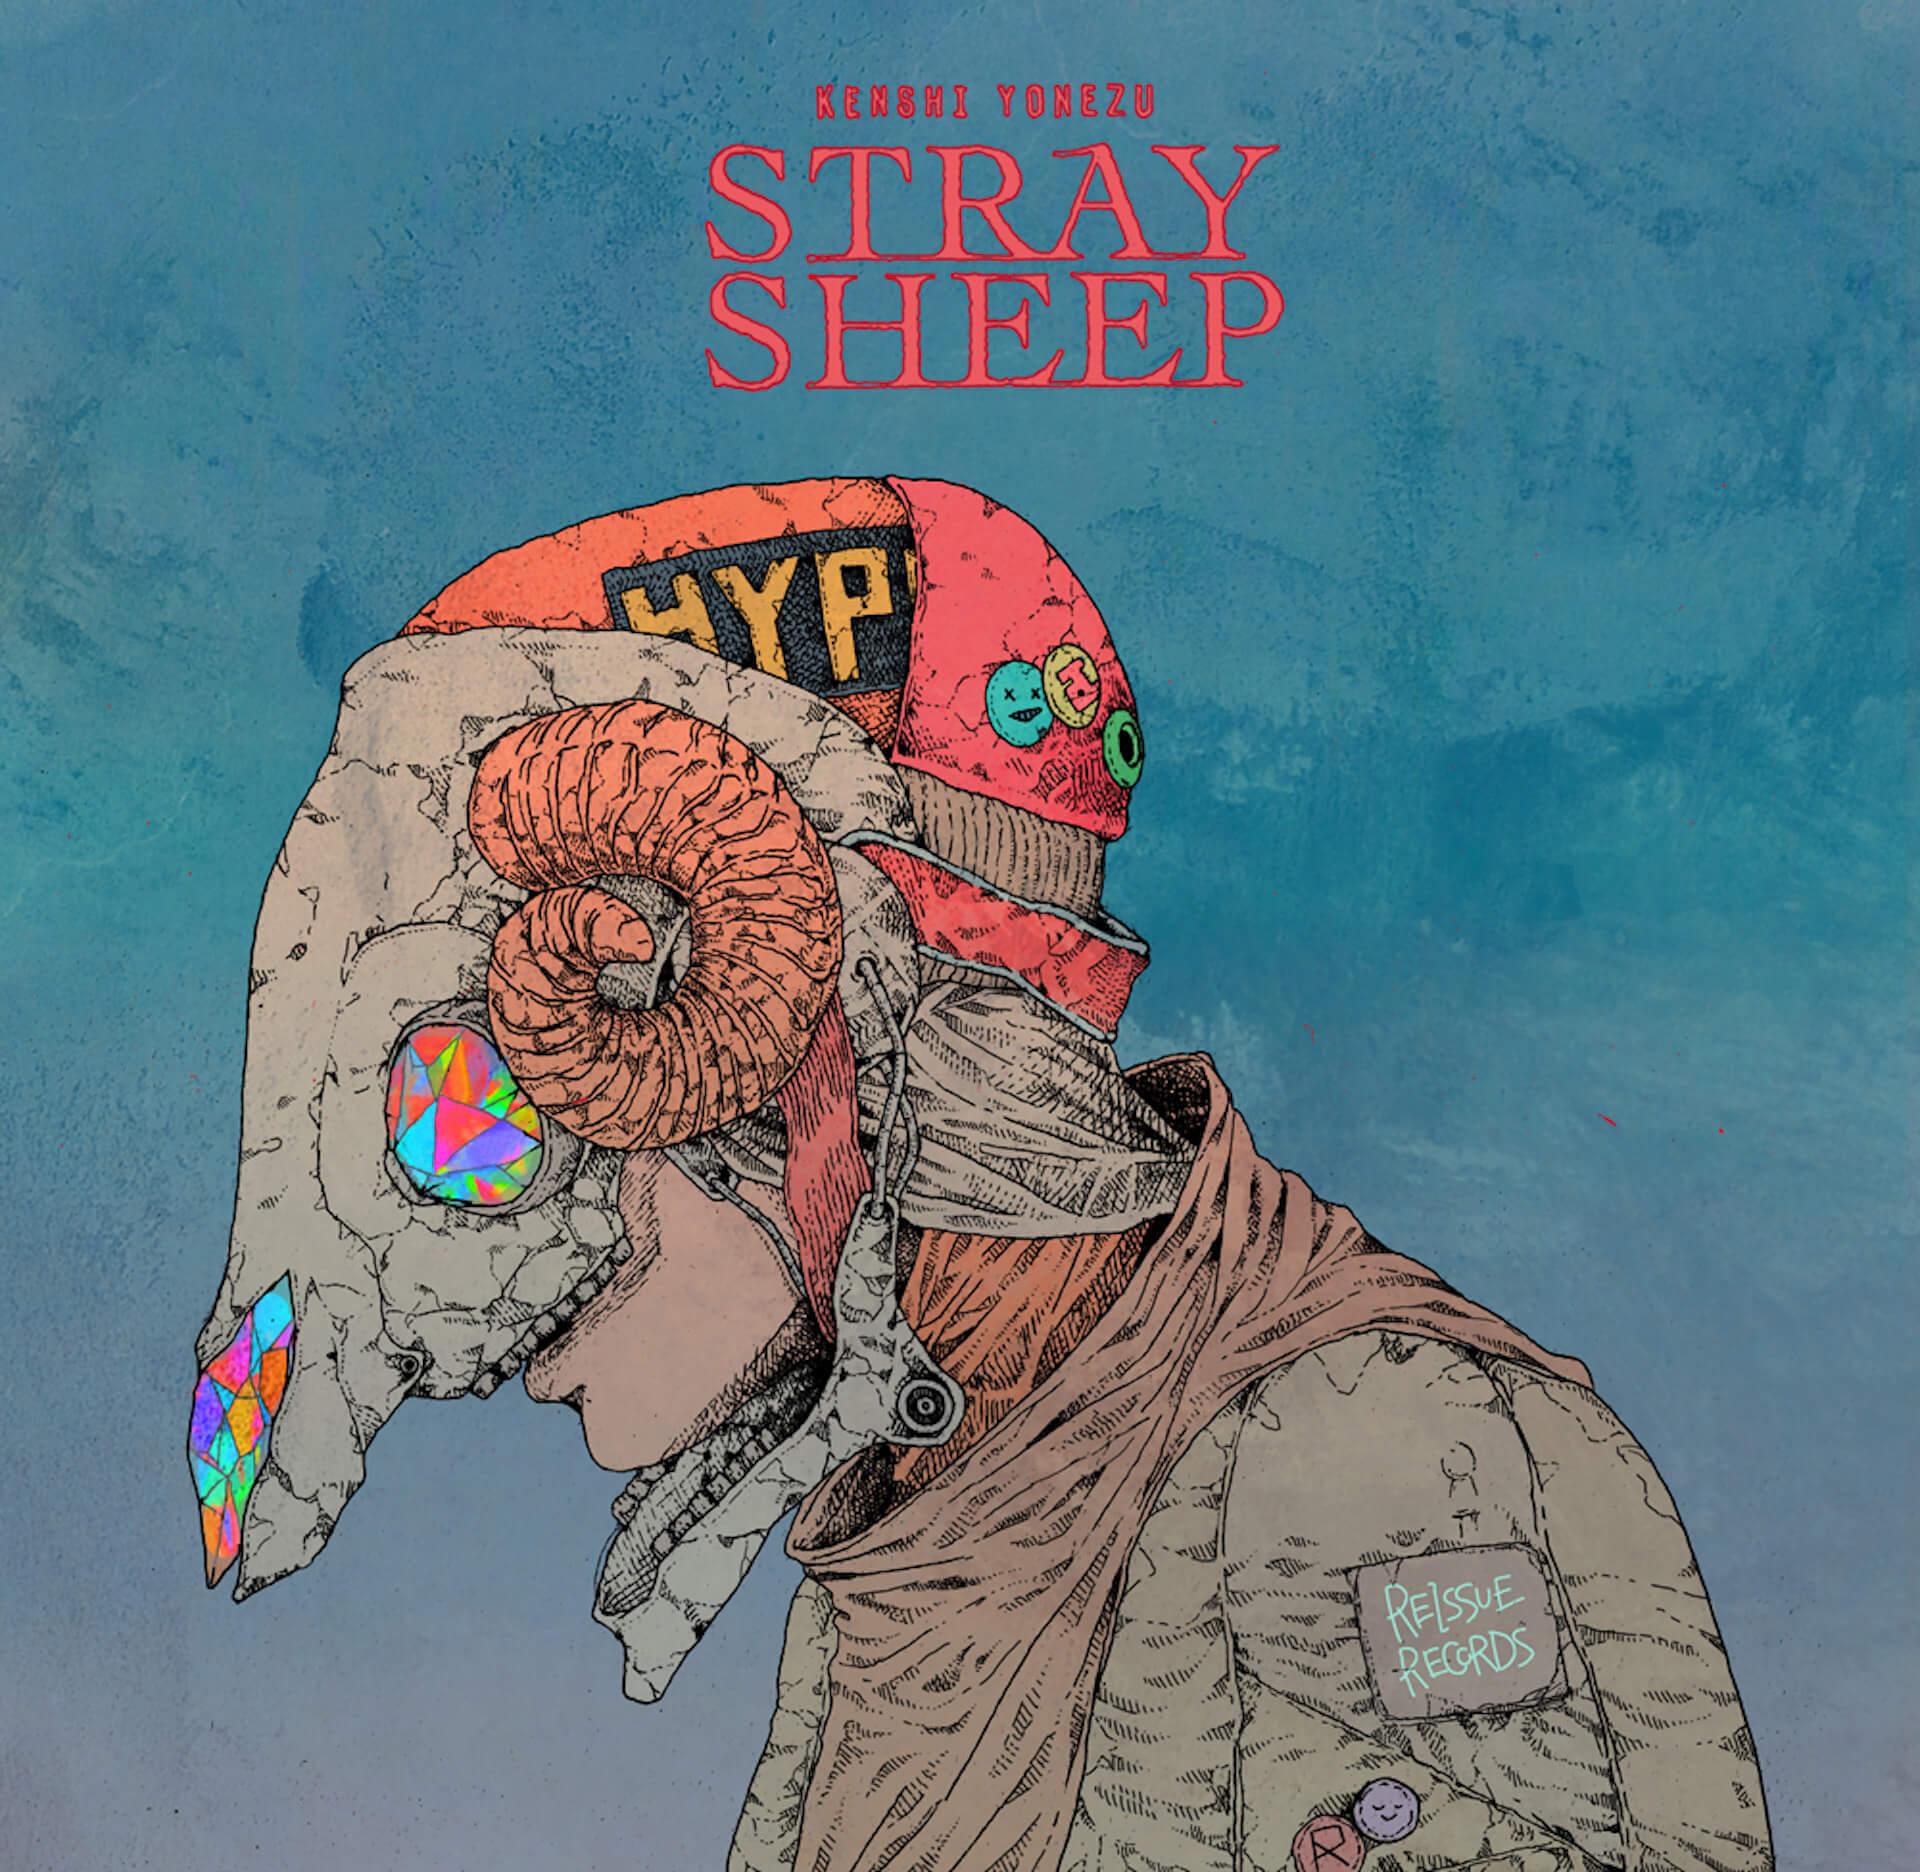 米津玄師「本当に得難い体験をさせてもらっている」『STRAY SHEEP』が第13回CDショップ大賞2021で大賞<赤>を受賞! music210323_yonezukenshi_2